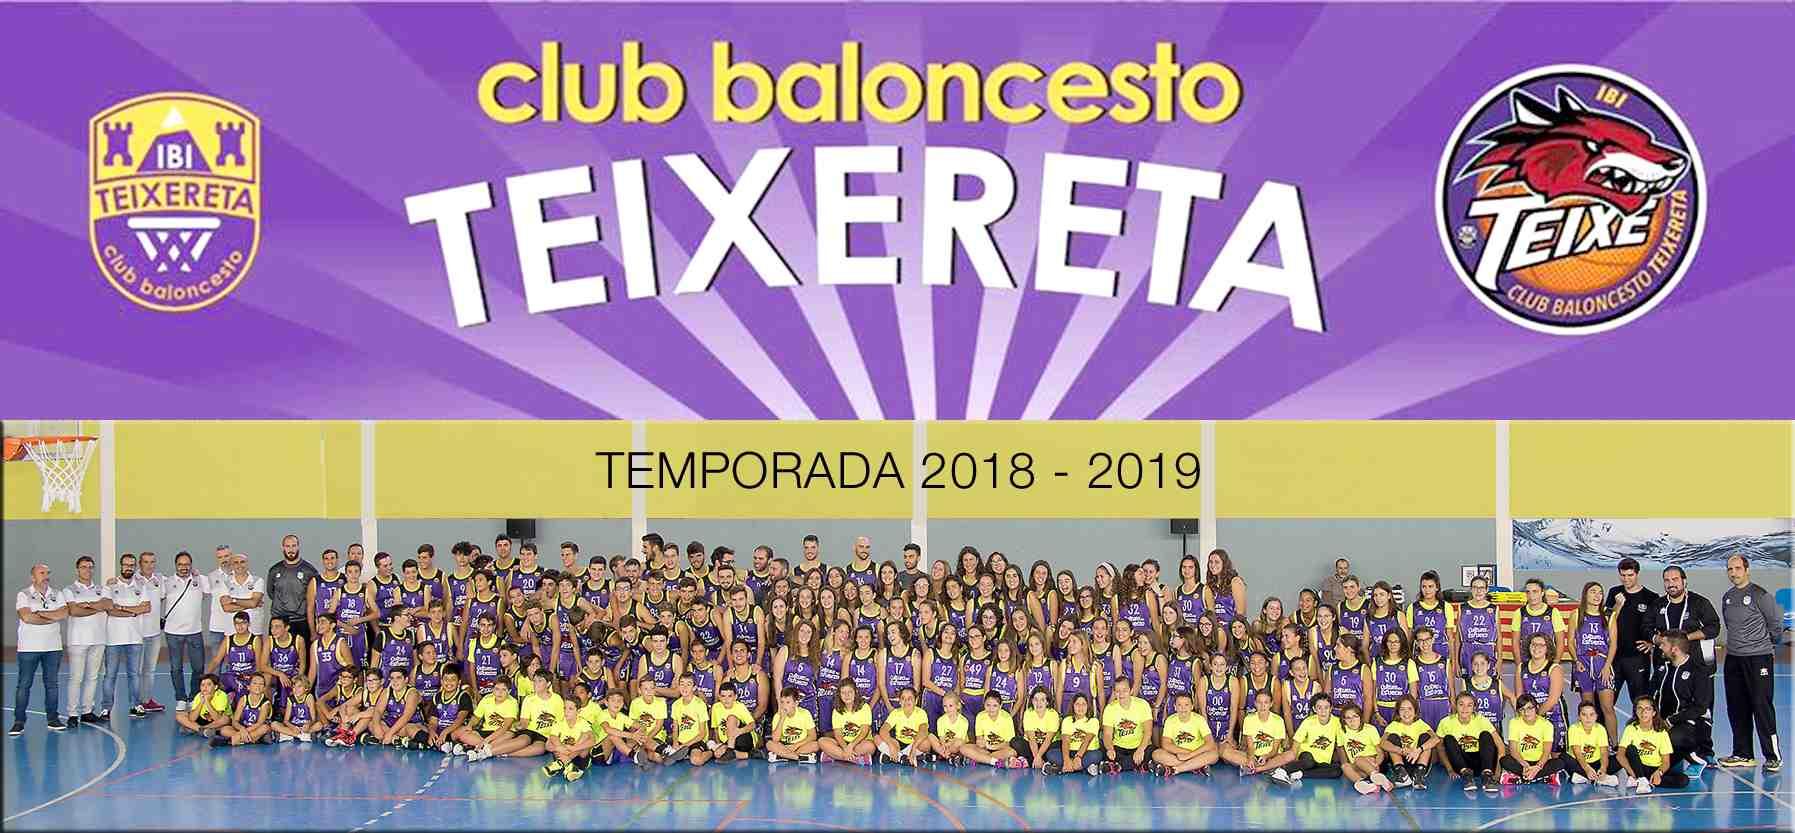 El Club Teixereta d'Ibi presenta a tots els seus equips per a la nova temporada (2018-2019)